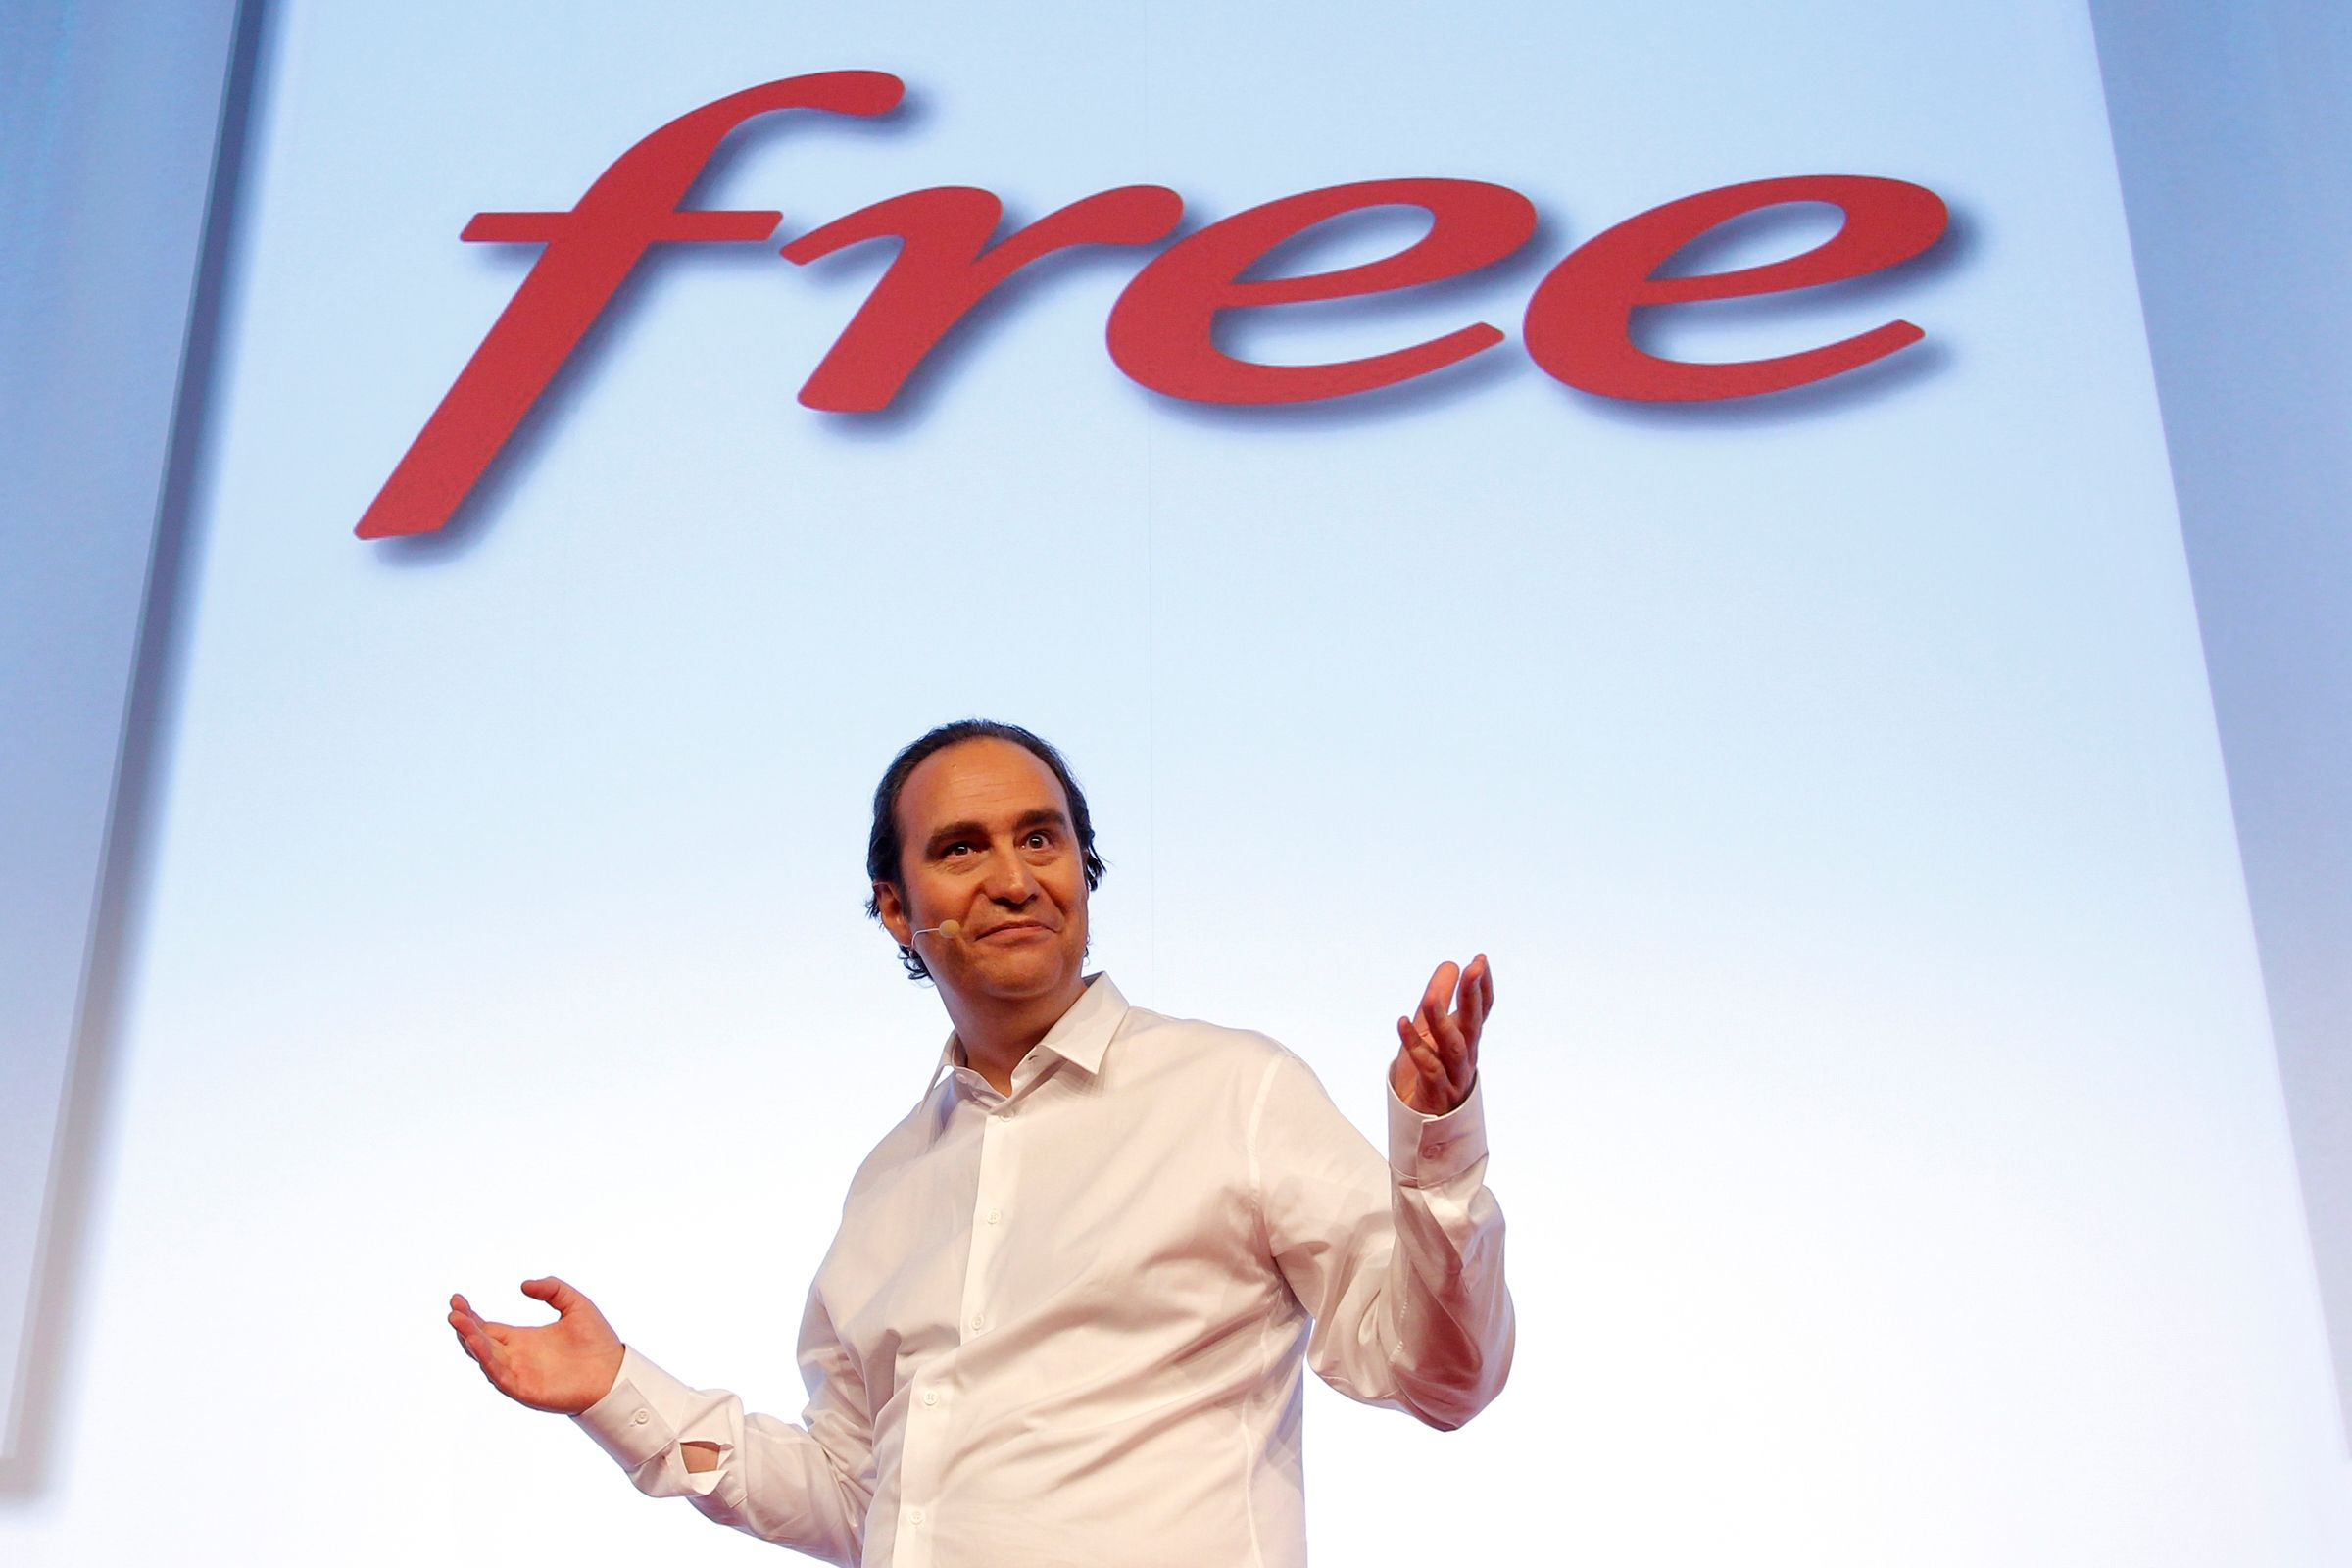 Grâce à ses prix cassés, le patron de Free, Xavier Niel, a raflé 4,6% du marché de la téléphonie mobile en moins de trois mois, soit près de trois millions d'utilisateurs.